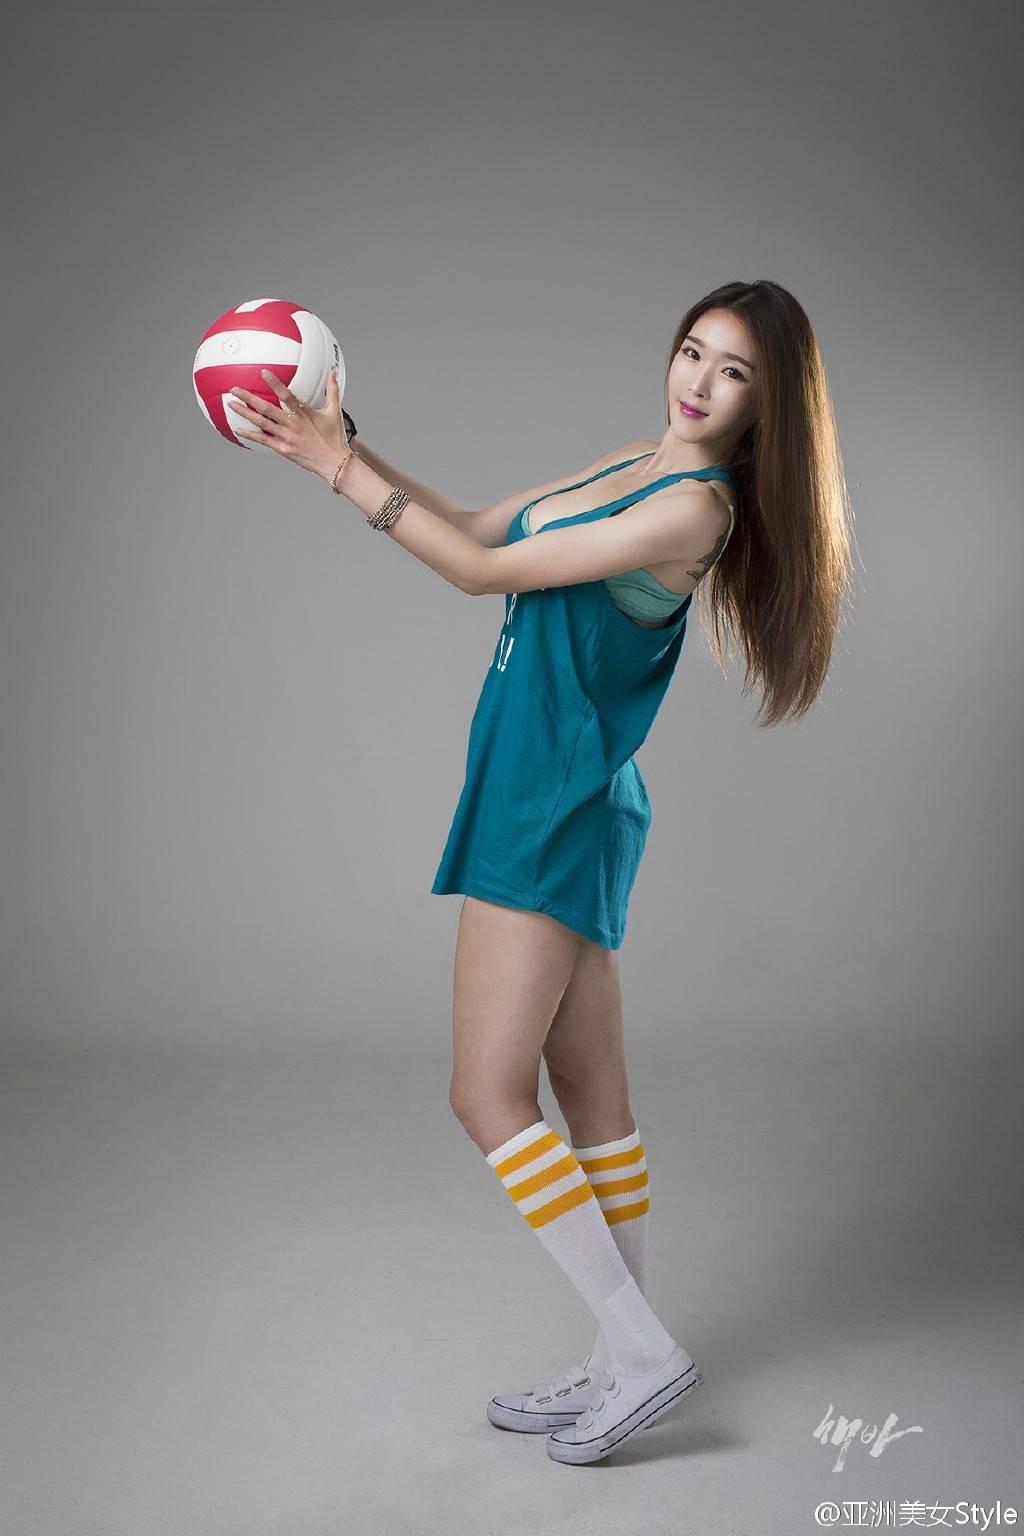 排球宝贝美女写真